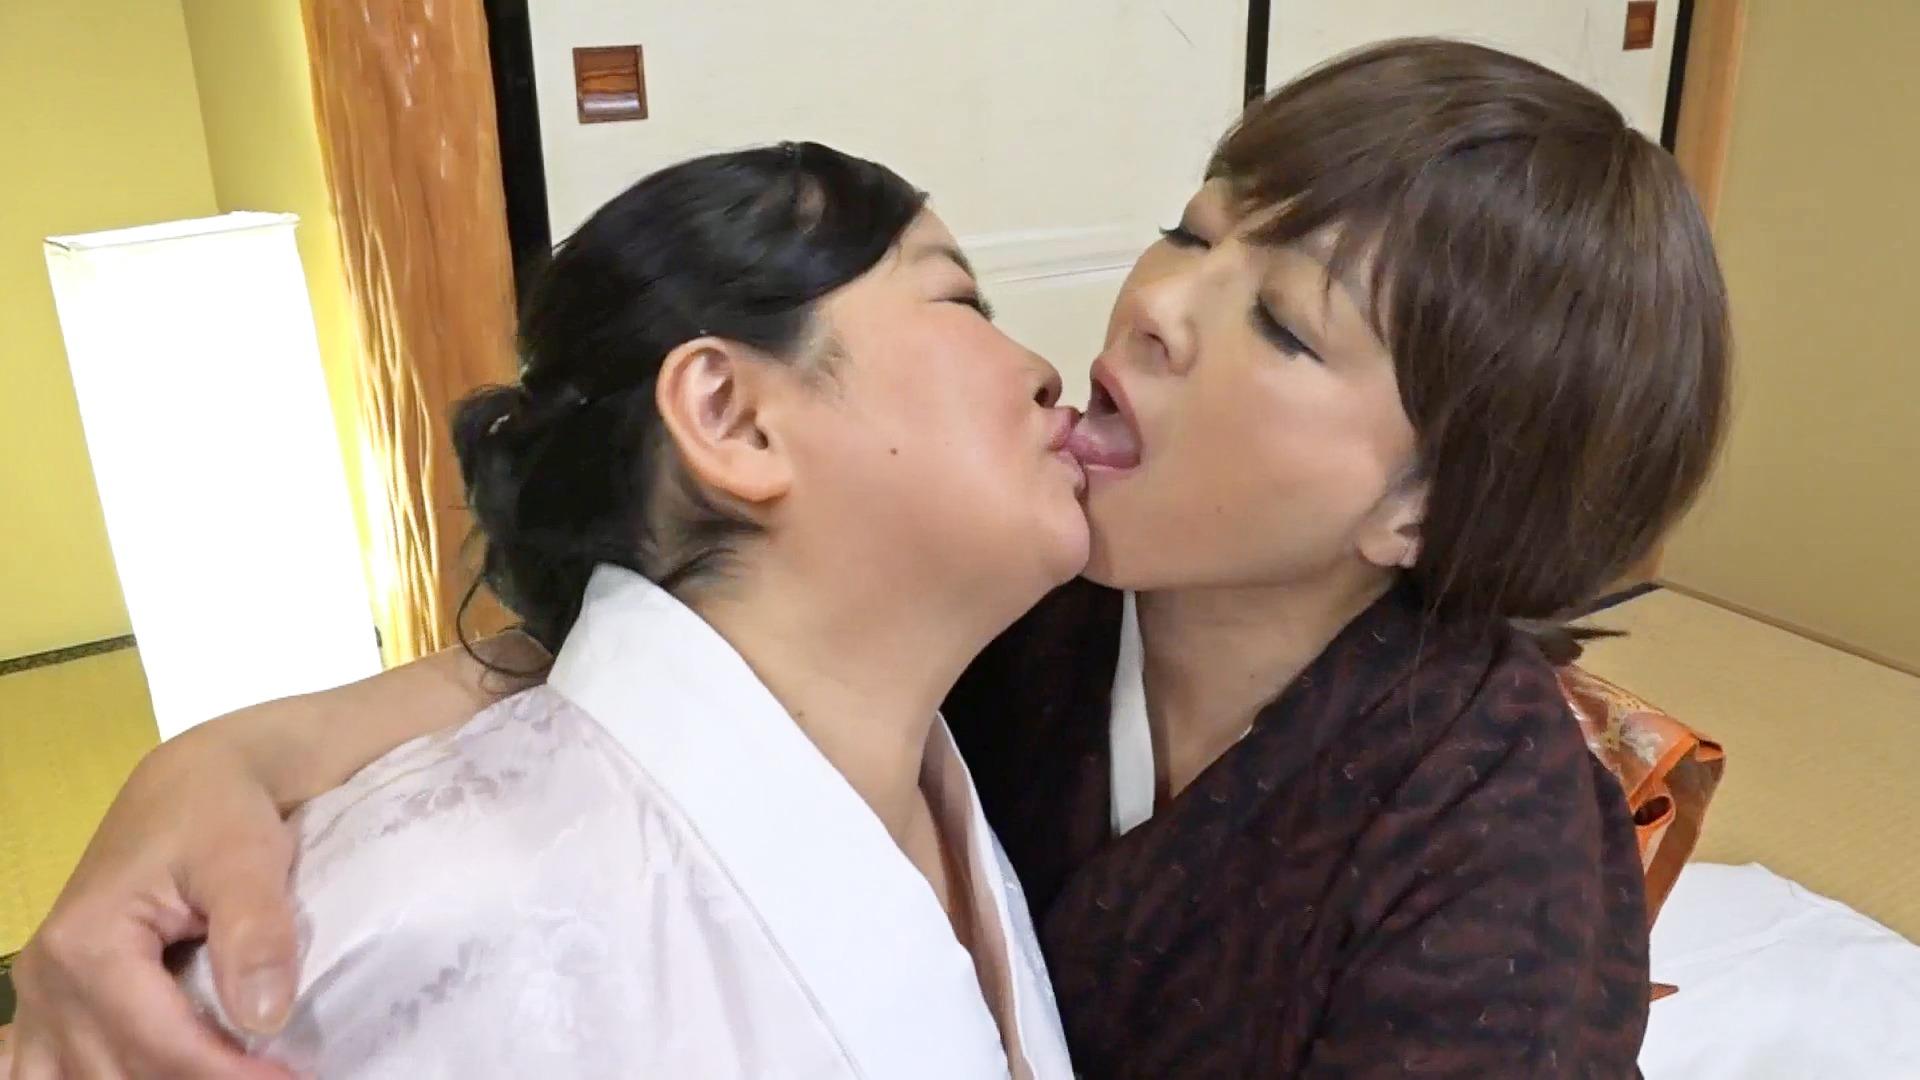 sokmil.com 私の胸をしゃぶって グラビアアイドル動画ソクミル